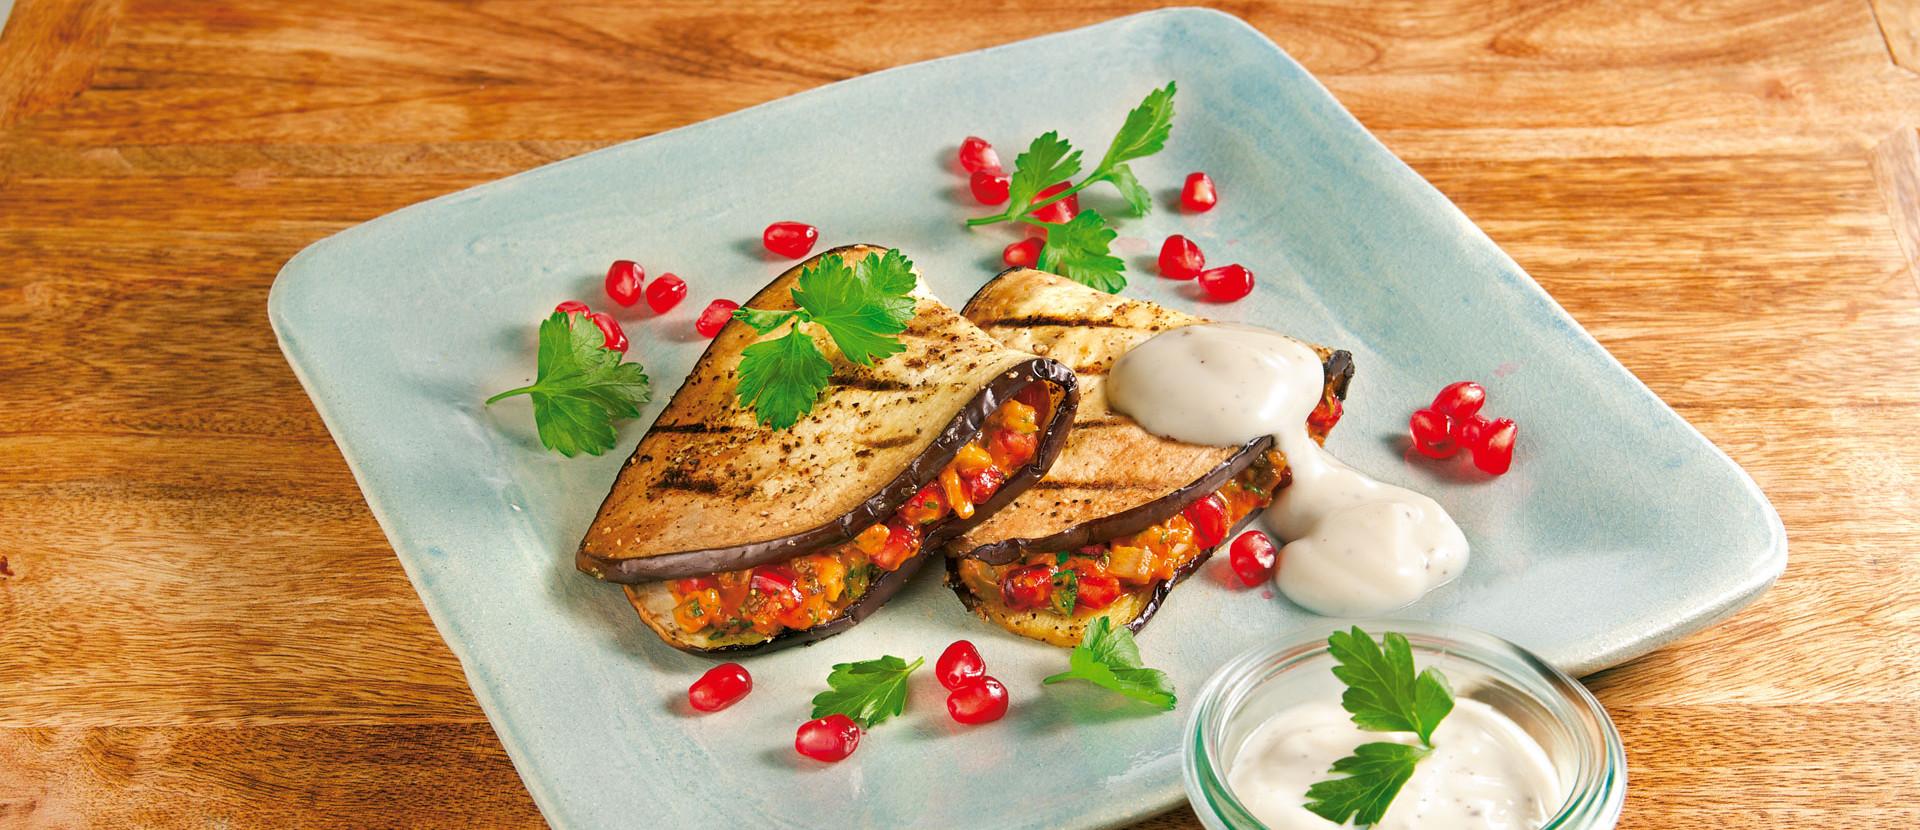 Auberginen Sandwich mit Granatapfel